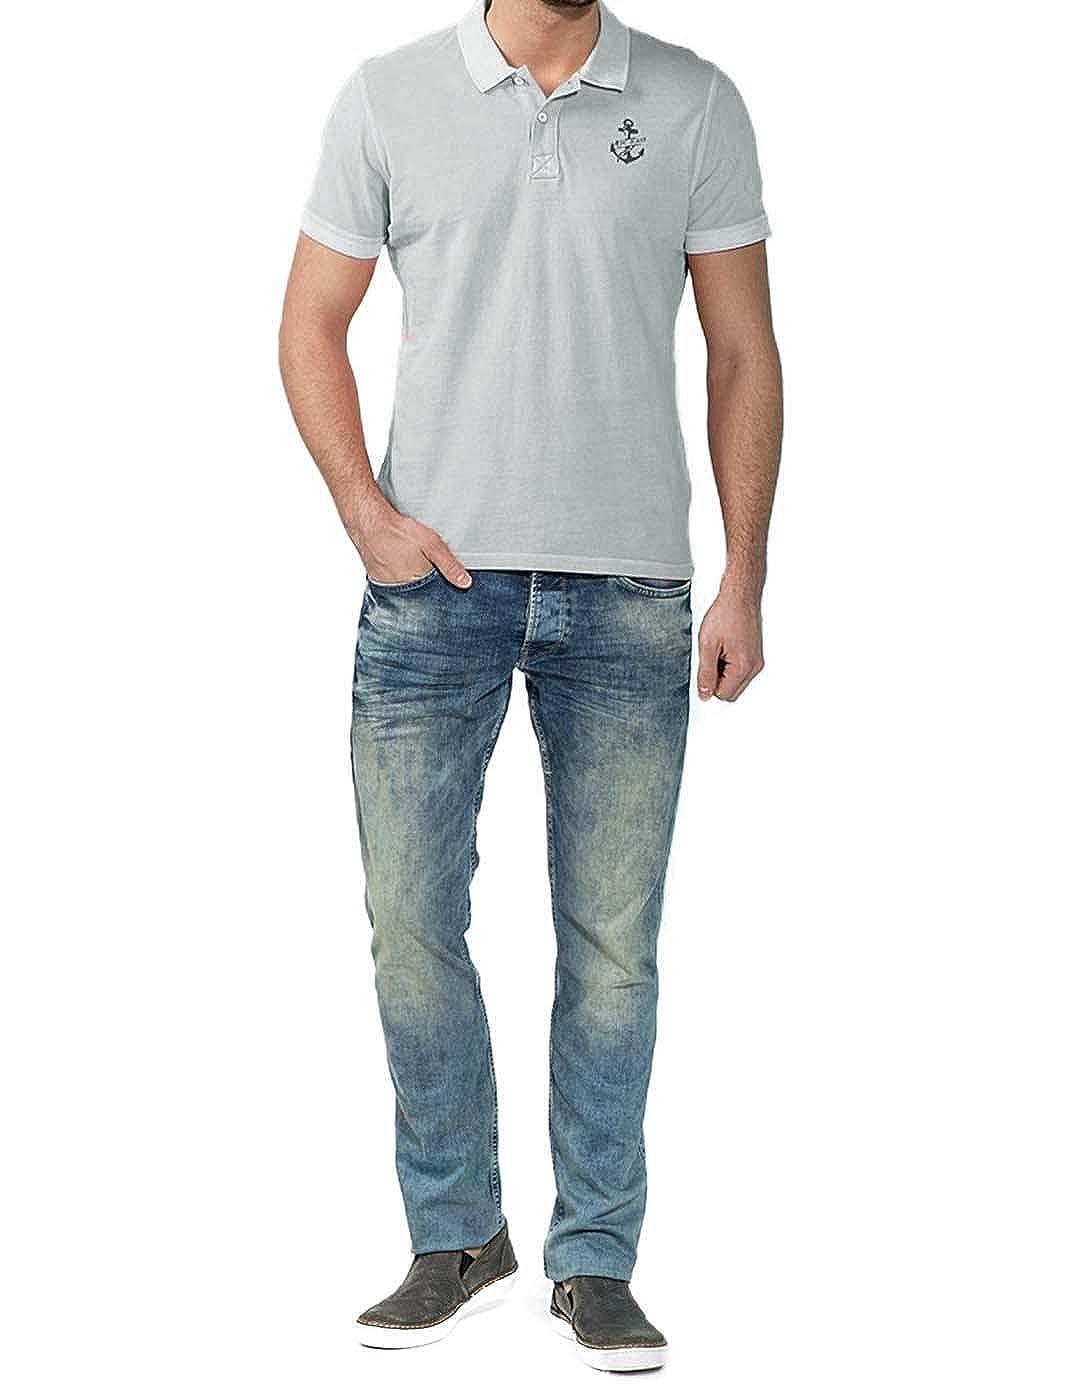 Pepe Jeans Polo Hombre Jesse Azul Palo S: Amazon.es: Ropa y accesorios